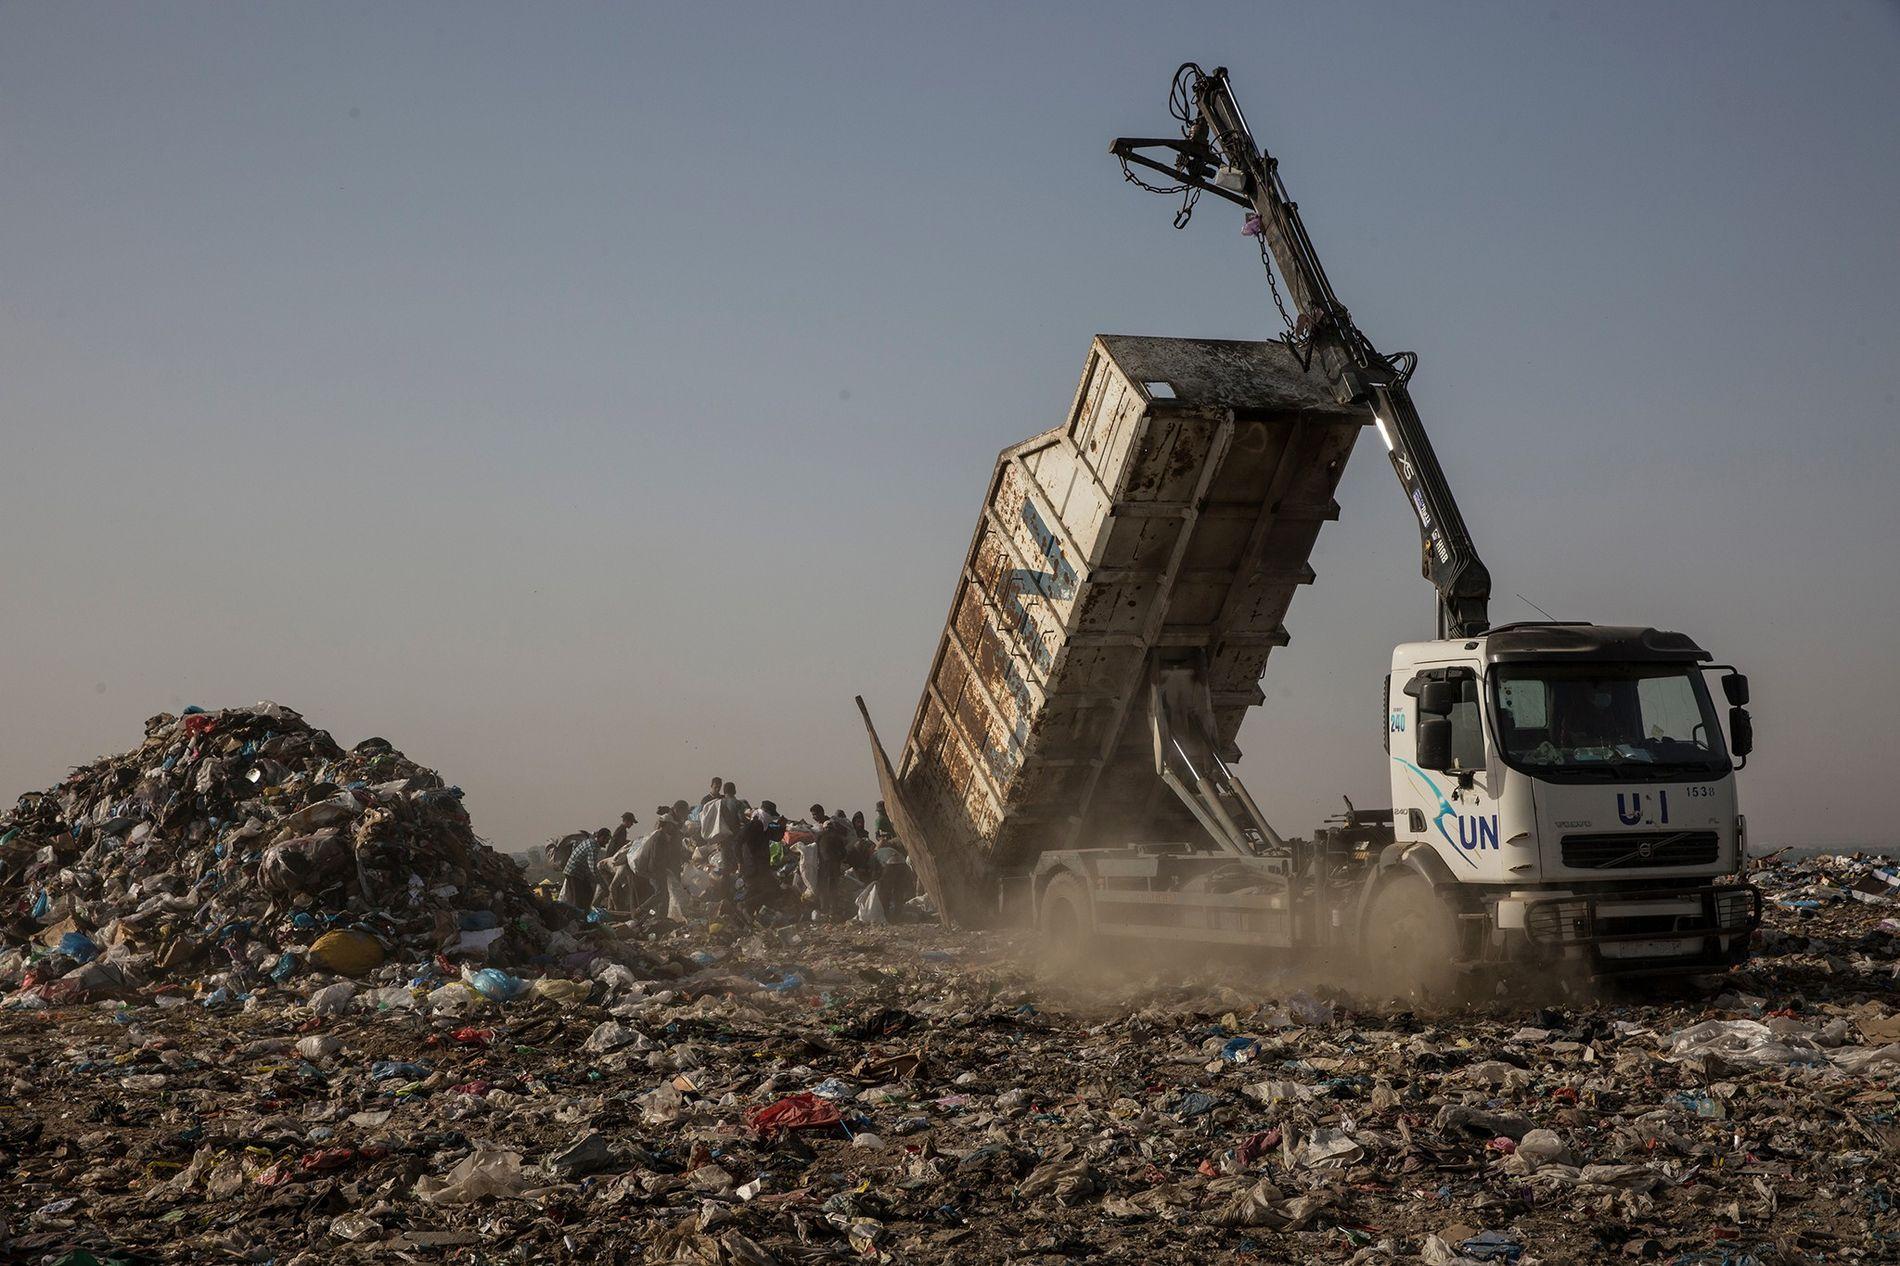 Un camion de l'ONU déverse des déchets sur un site situé à Juhor al-Deek, au sud-est de la ville de Gaza. De jeunes Palestiniens se rassemblent autour du camion pour fouiller le tas de détritus à la recherche de biens recyclables. Certains de ces travailleurs ont abandonné l'école et commencent leur journée avant l'aube pour gagner moins de 3 € par jour.